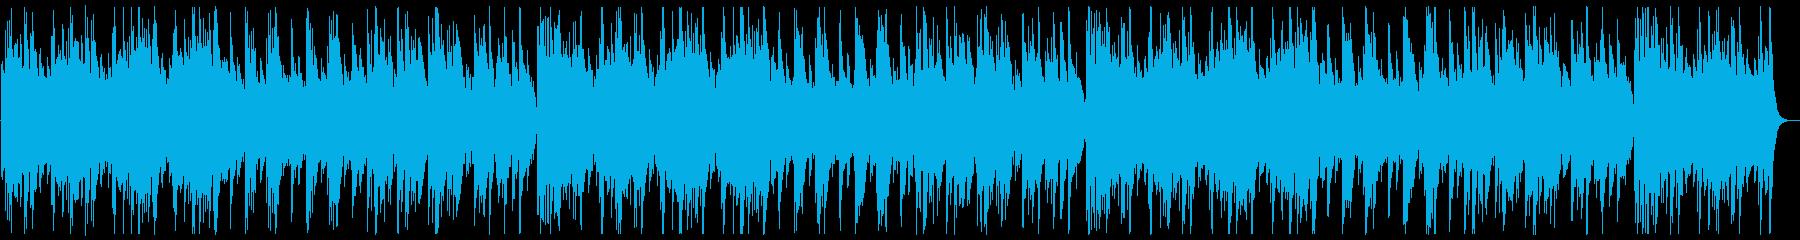 ふんわり変則感のある音階のオルゴールの曲の再生済みの波形